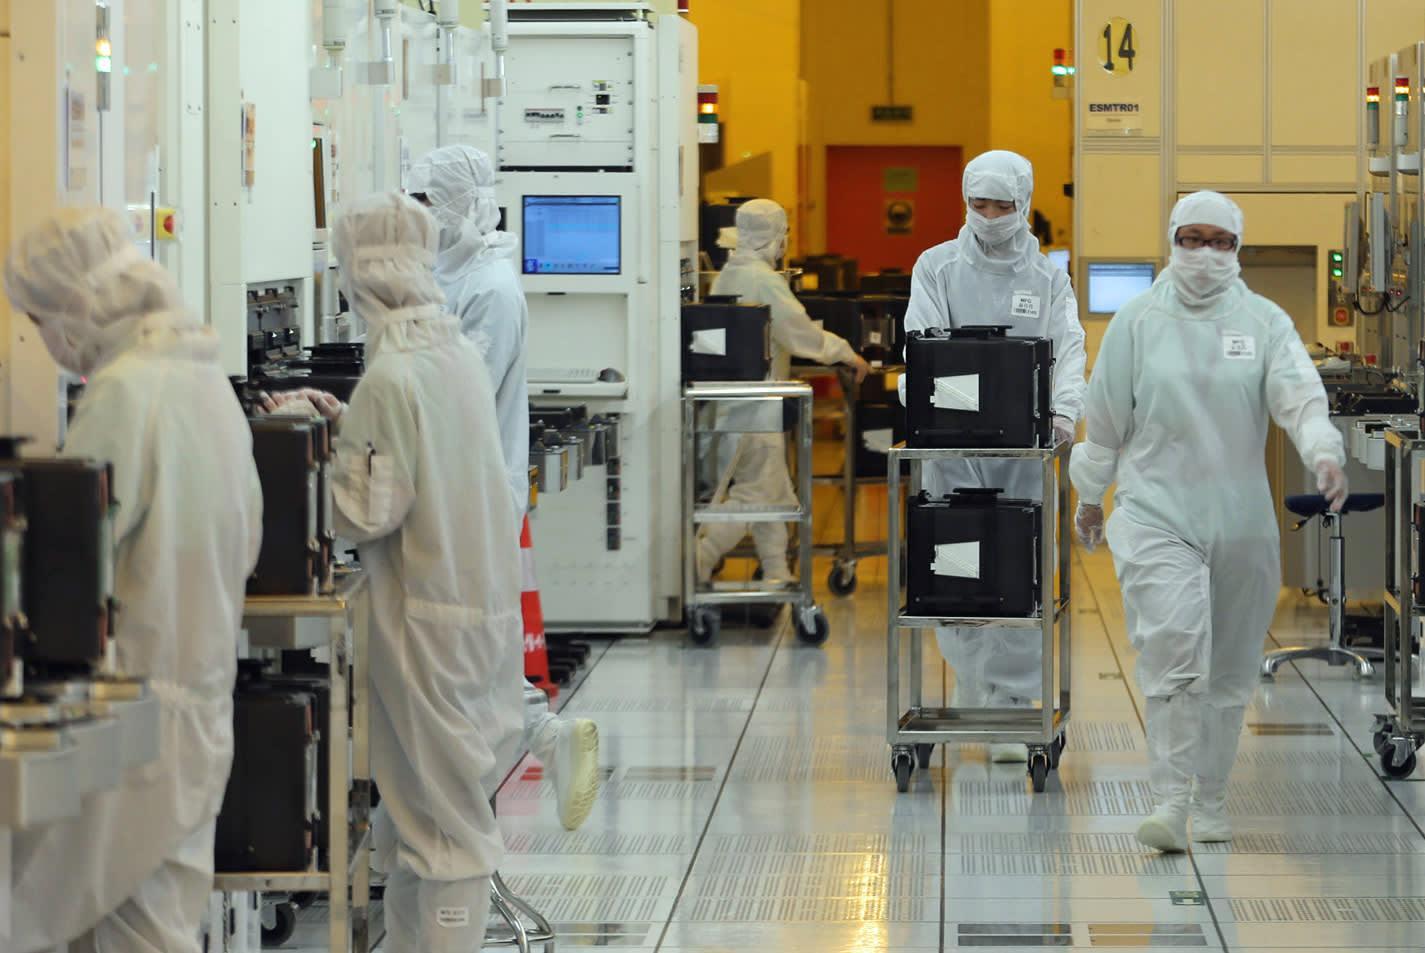 中芯国际:贸易纠纷影响有限 14nm工艺获重大进展